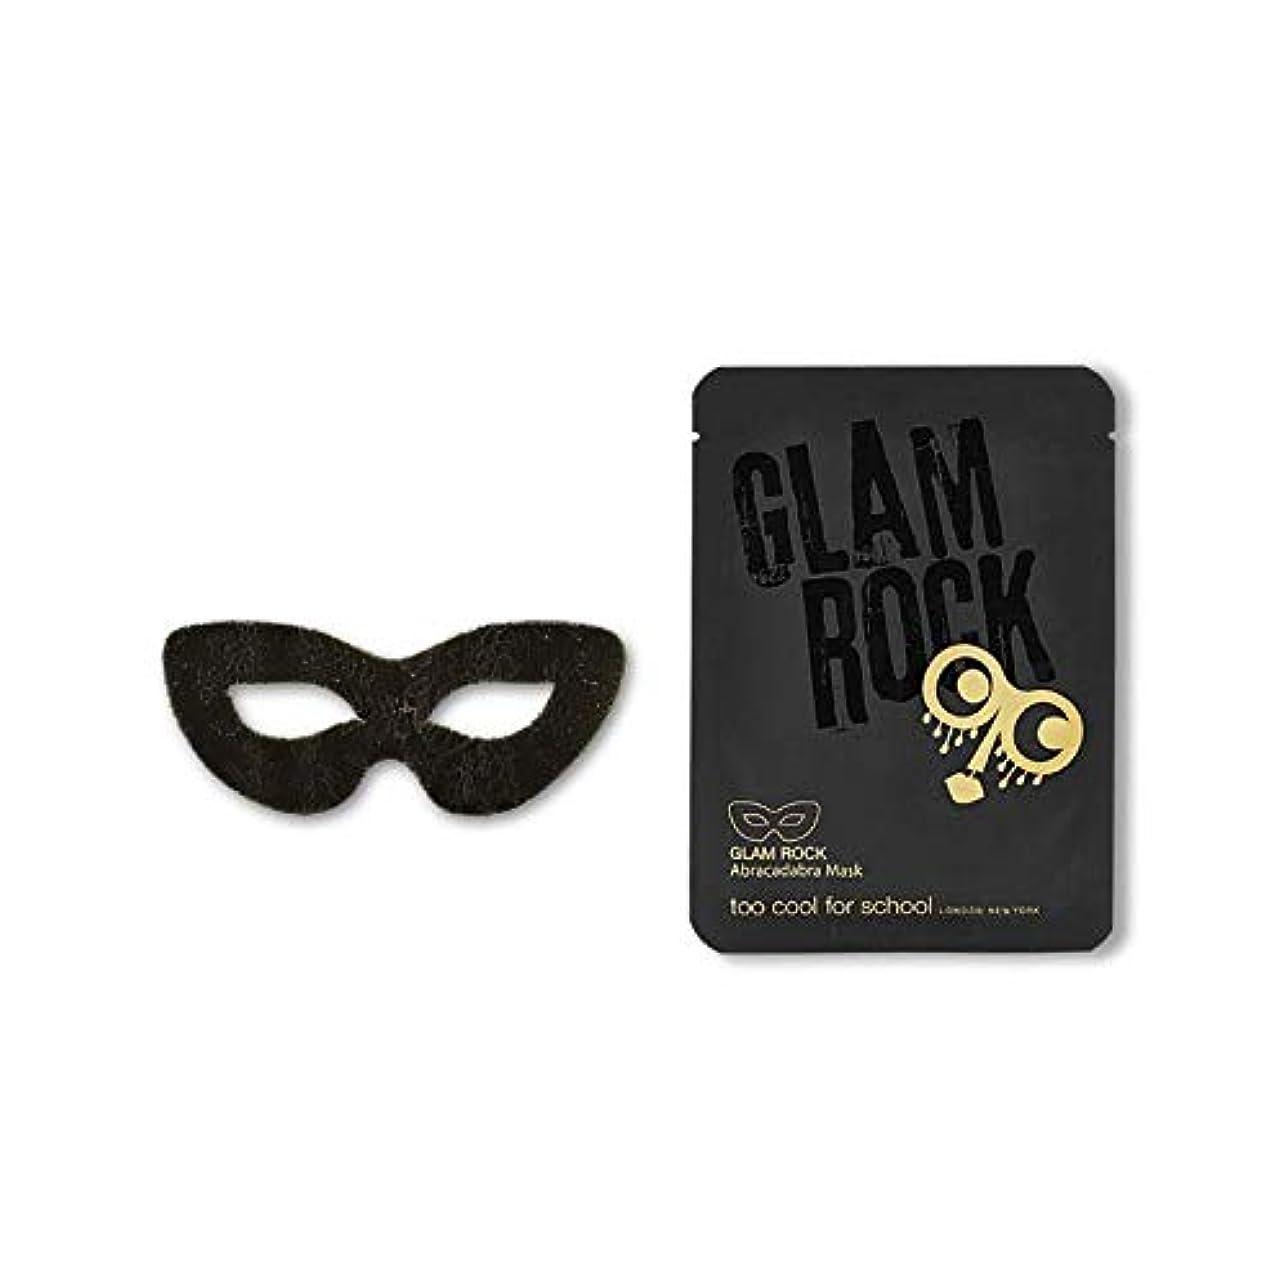 スポーツをする教師の日TOO COOL FOR SCHOOL Glam Rock Abracadabra Mask (並行輸入品)